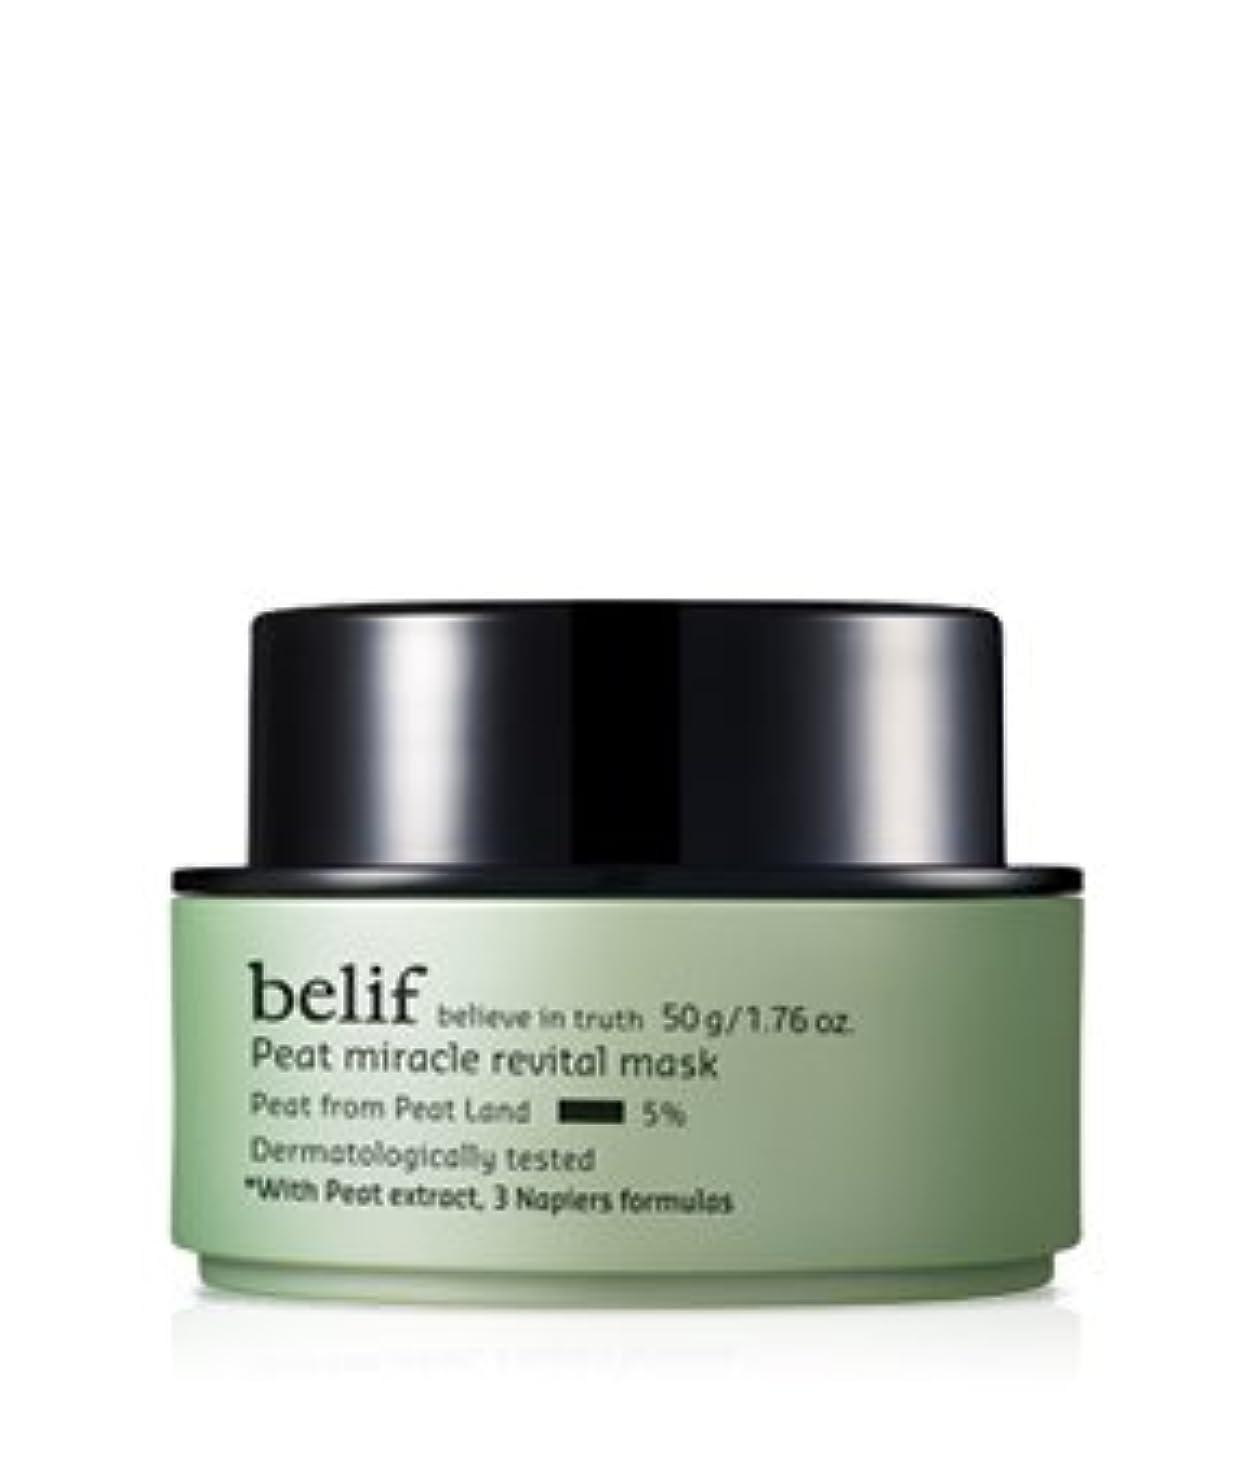 実際モルヒネ海Belif(ビリーフ)ピート ミラクル リバイタル マスク(Peat miracle revital mask)50ml